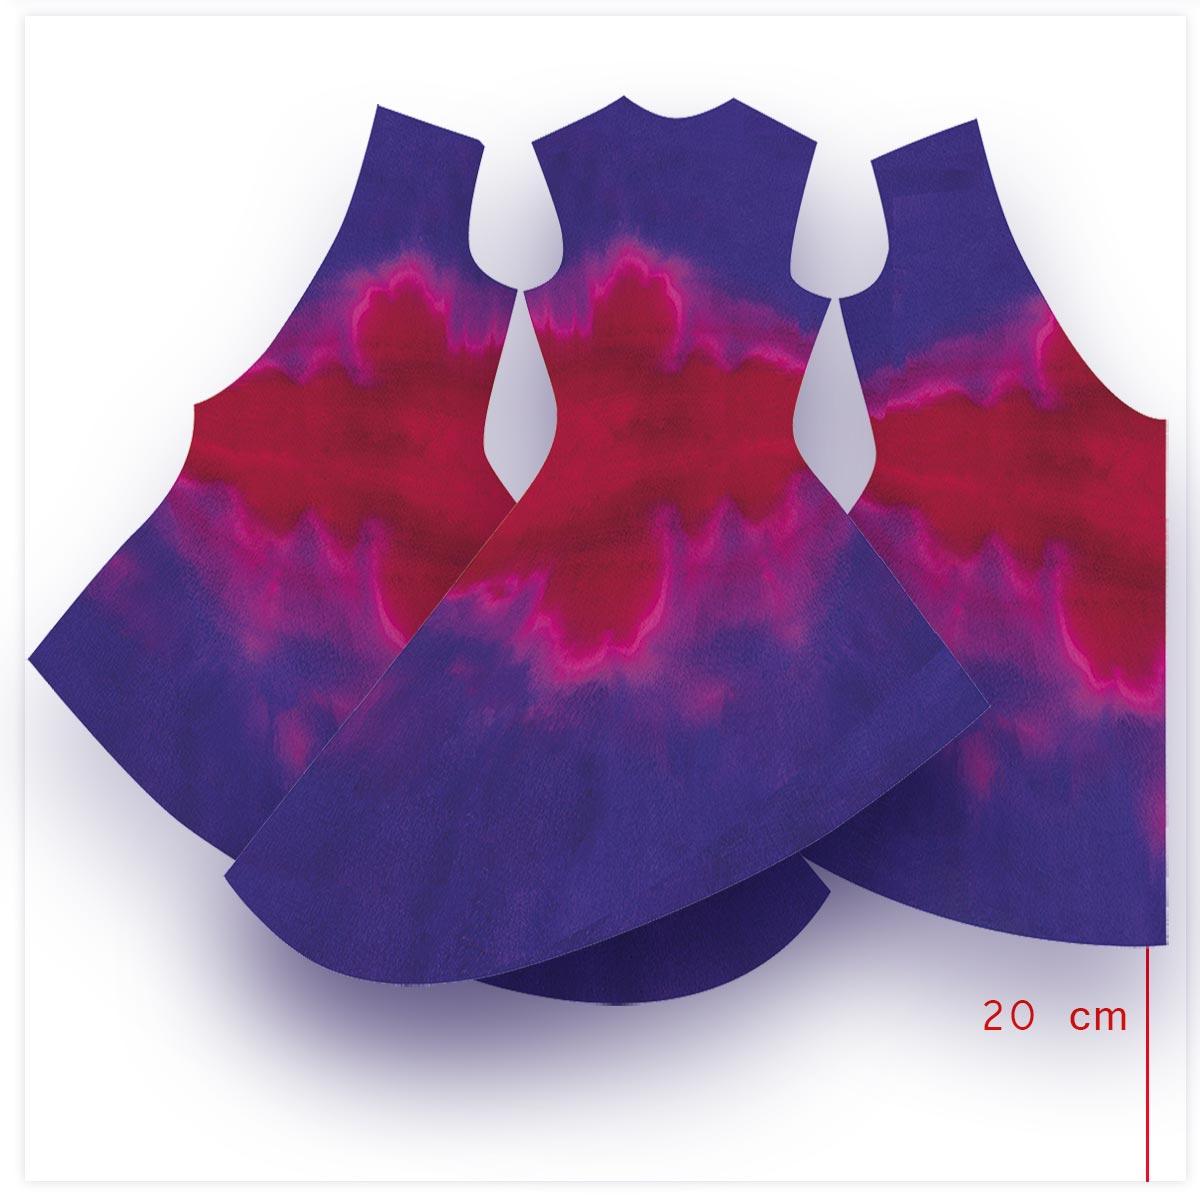 Clip 2017 Costumière C. Abello. Atelier FBG. Peinture numérique